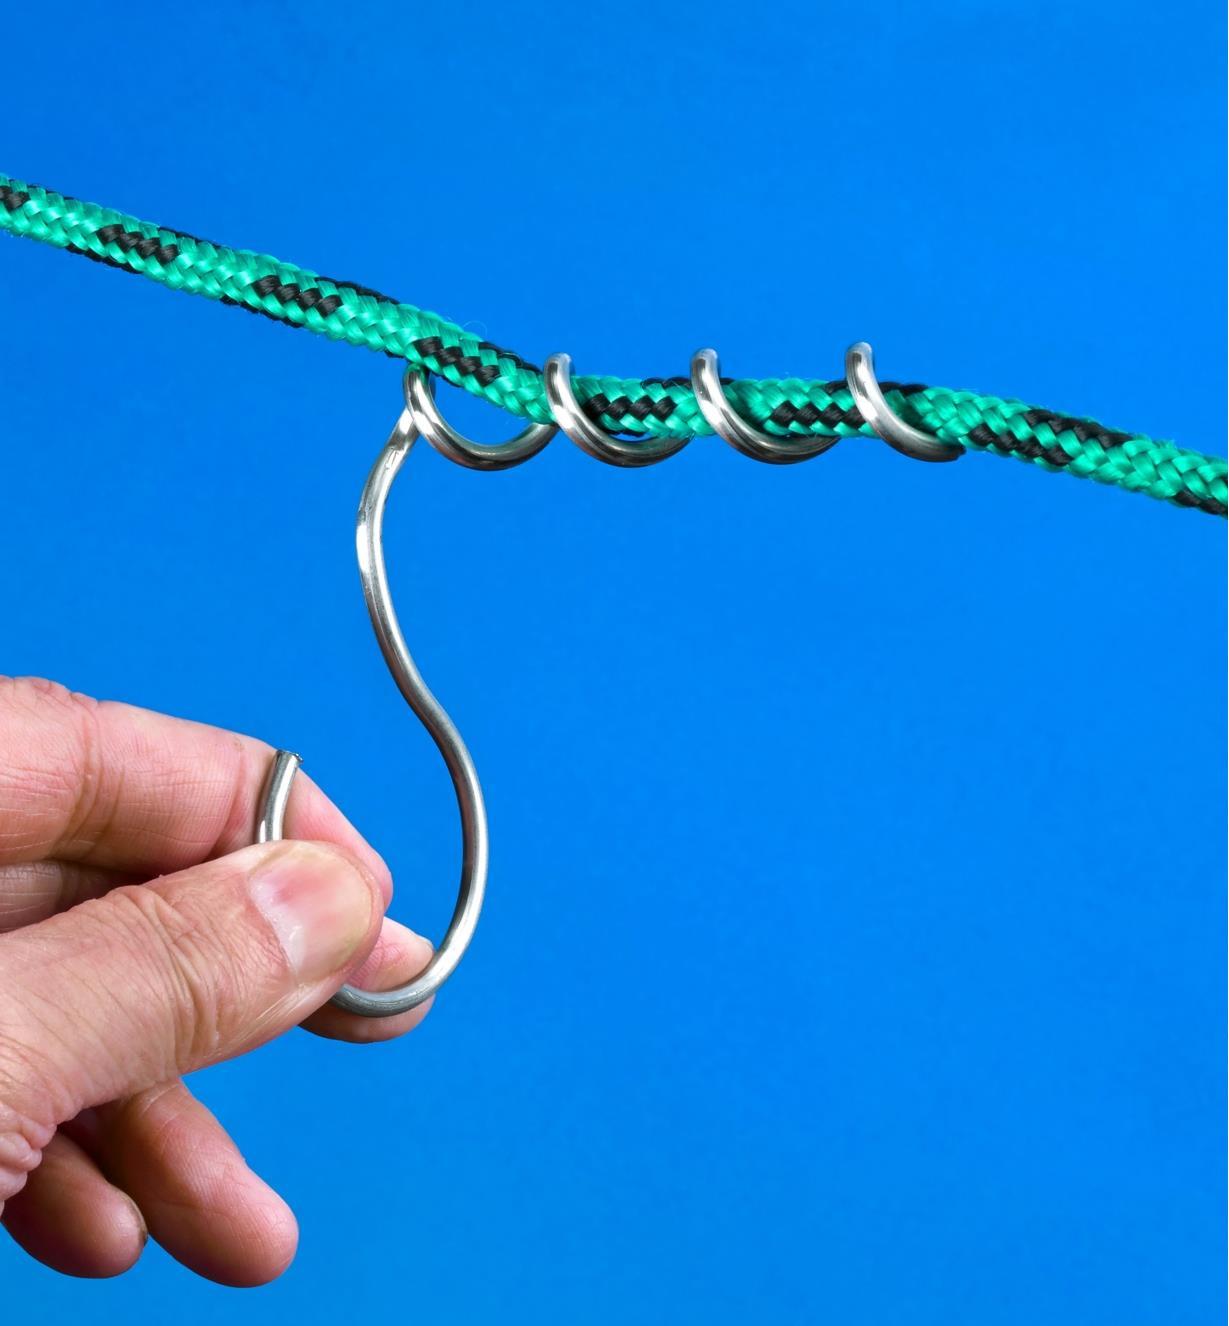 05H4506 - Crochets à tige vrillée, pqt de 6